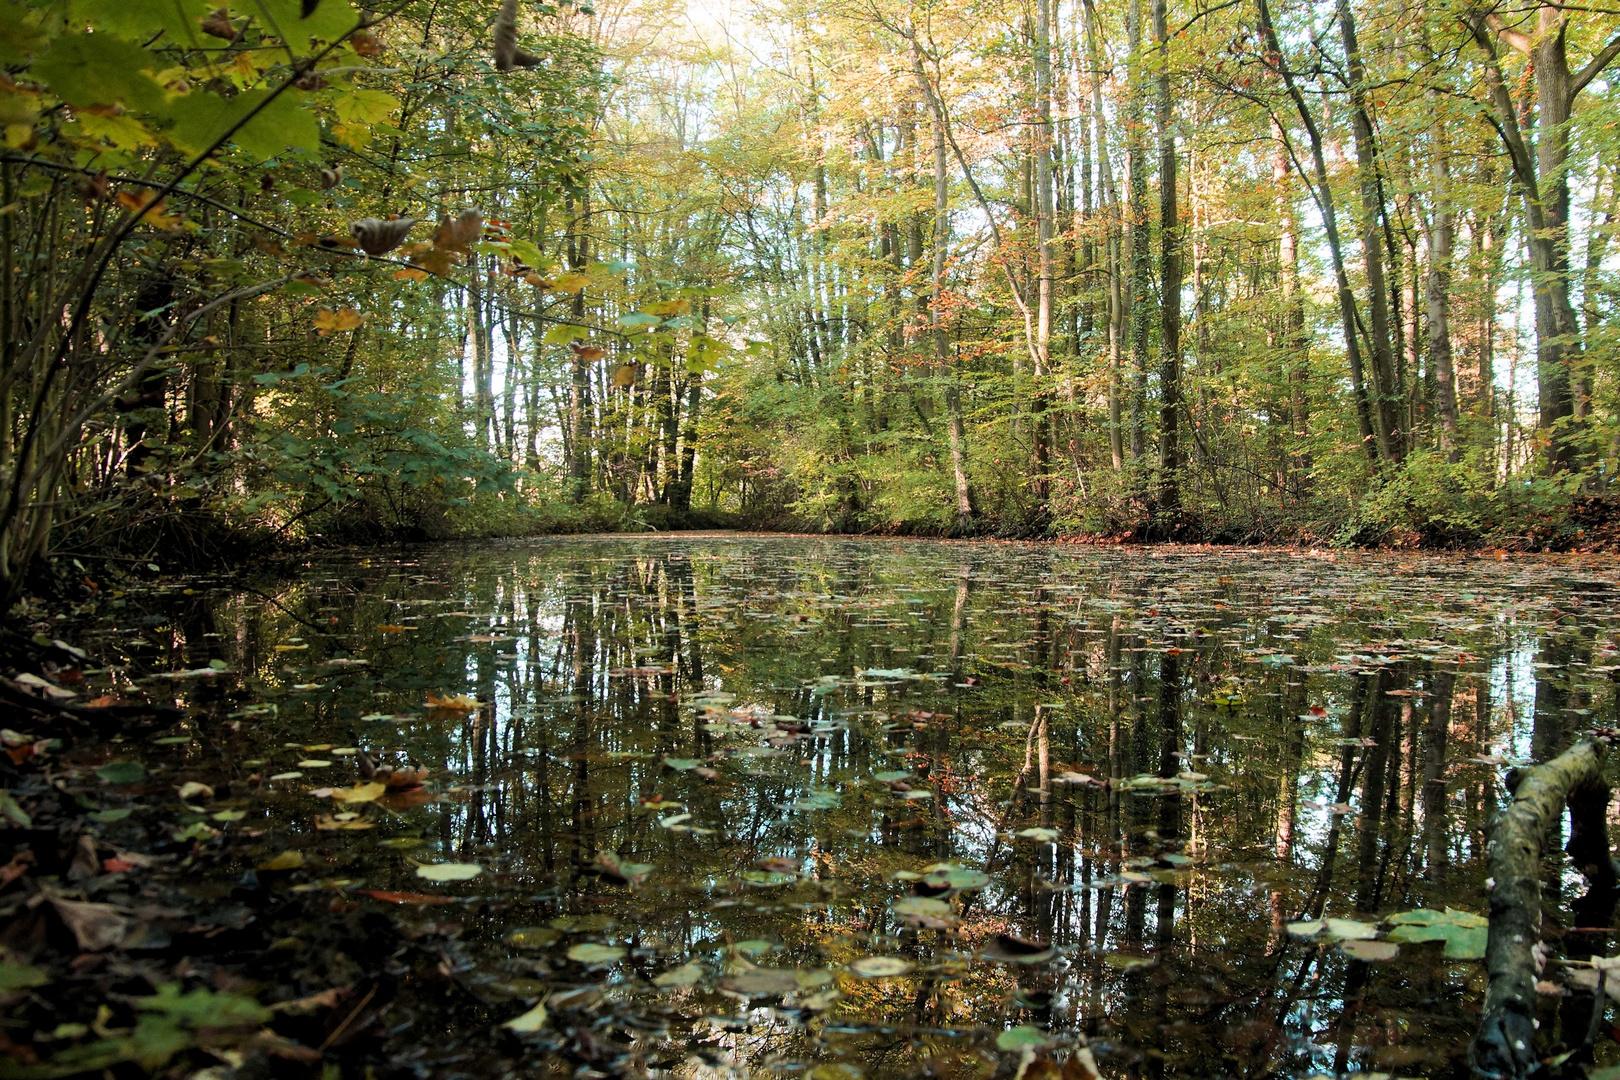 Der Herbst kommt - auch am Waldsee ...